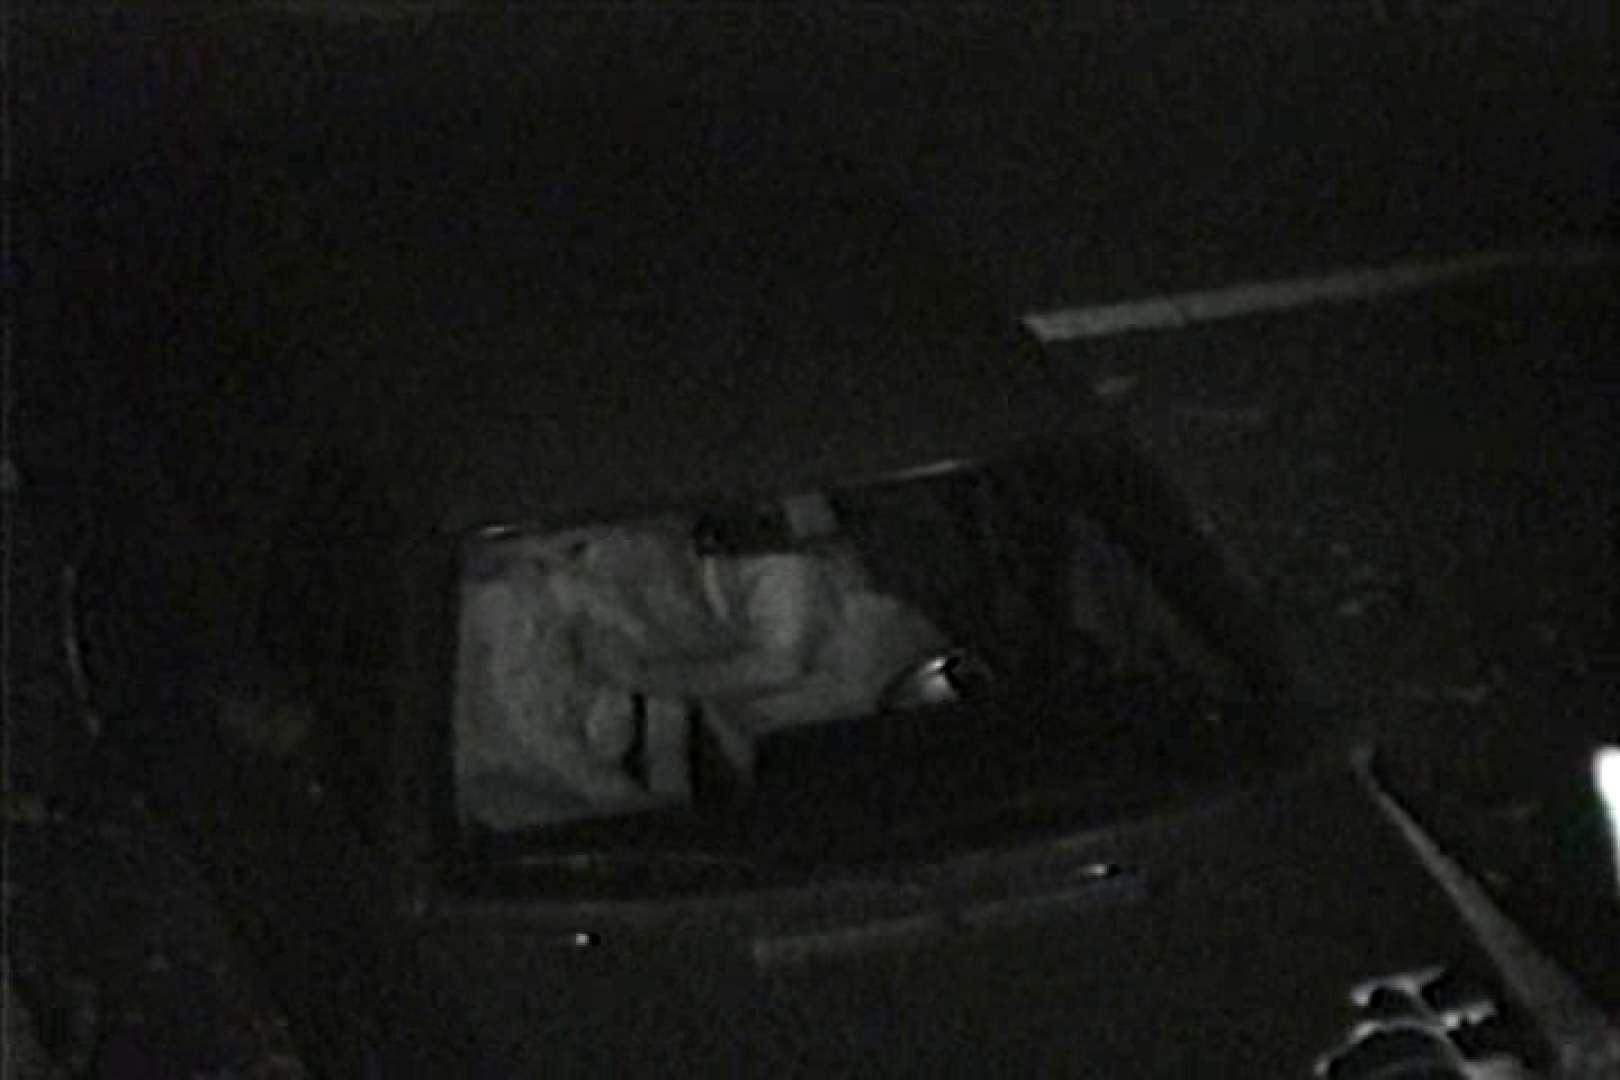 車の中はラブホテル 無修正版  Vol.7 セックス流出映像 ヌード画像 96連発 35